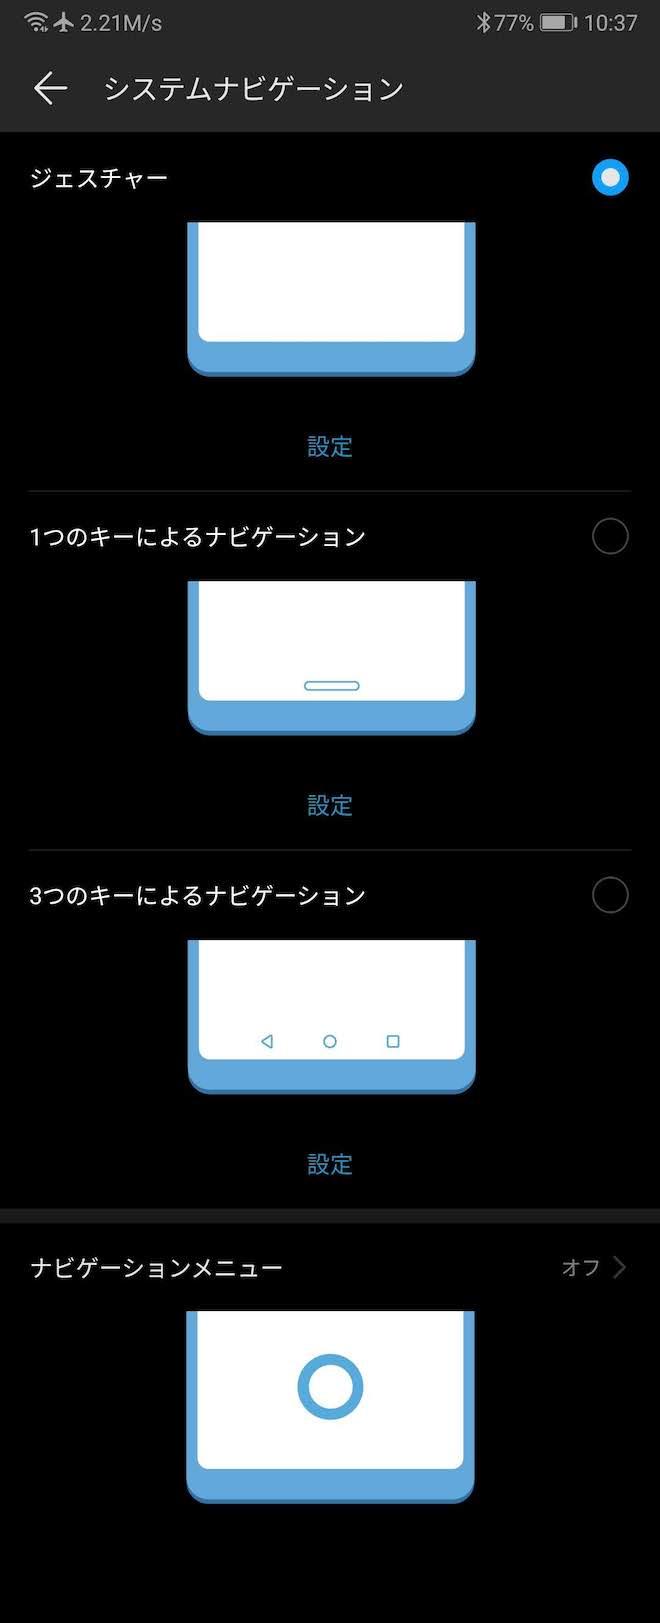 Android 9へアップデート後のナビゲーションバーの選択肢